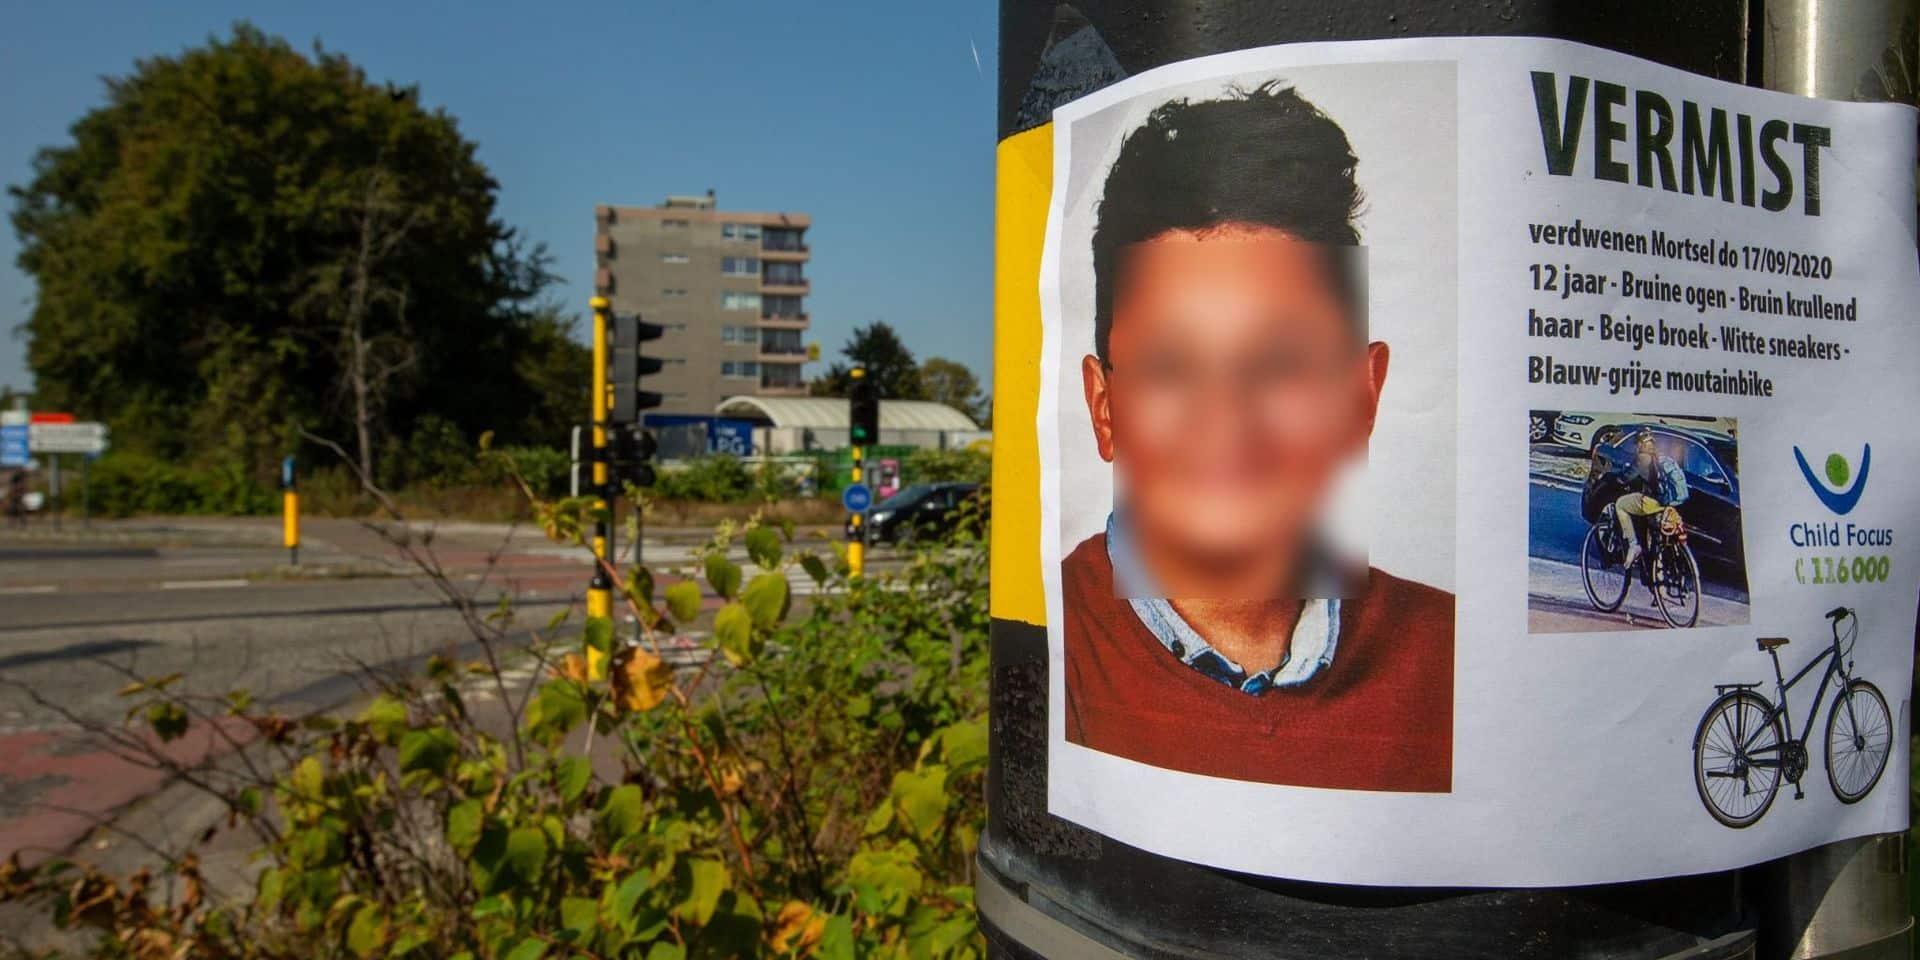 Un garçon de douze ans originaire de Mortsel porté disparu